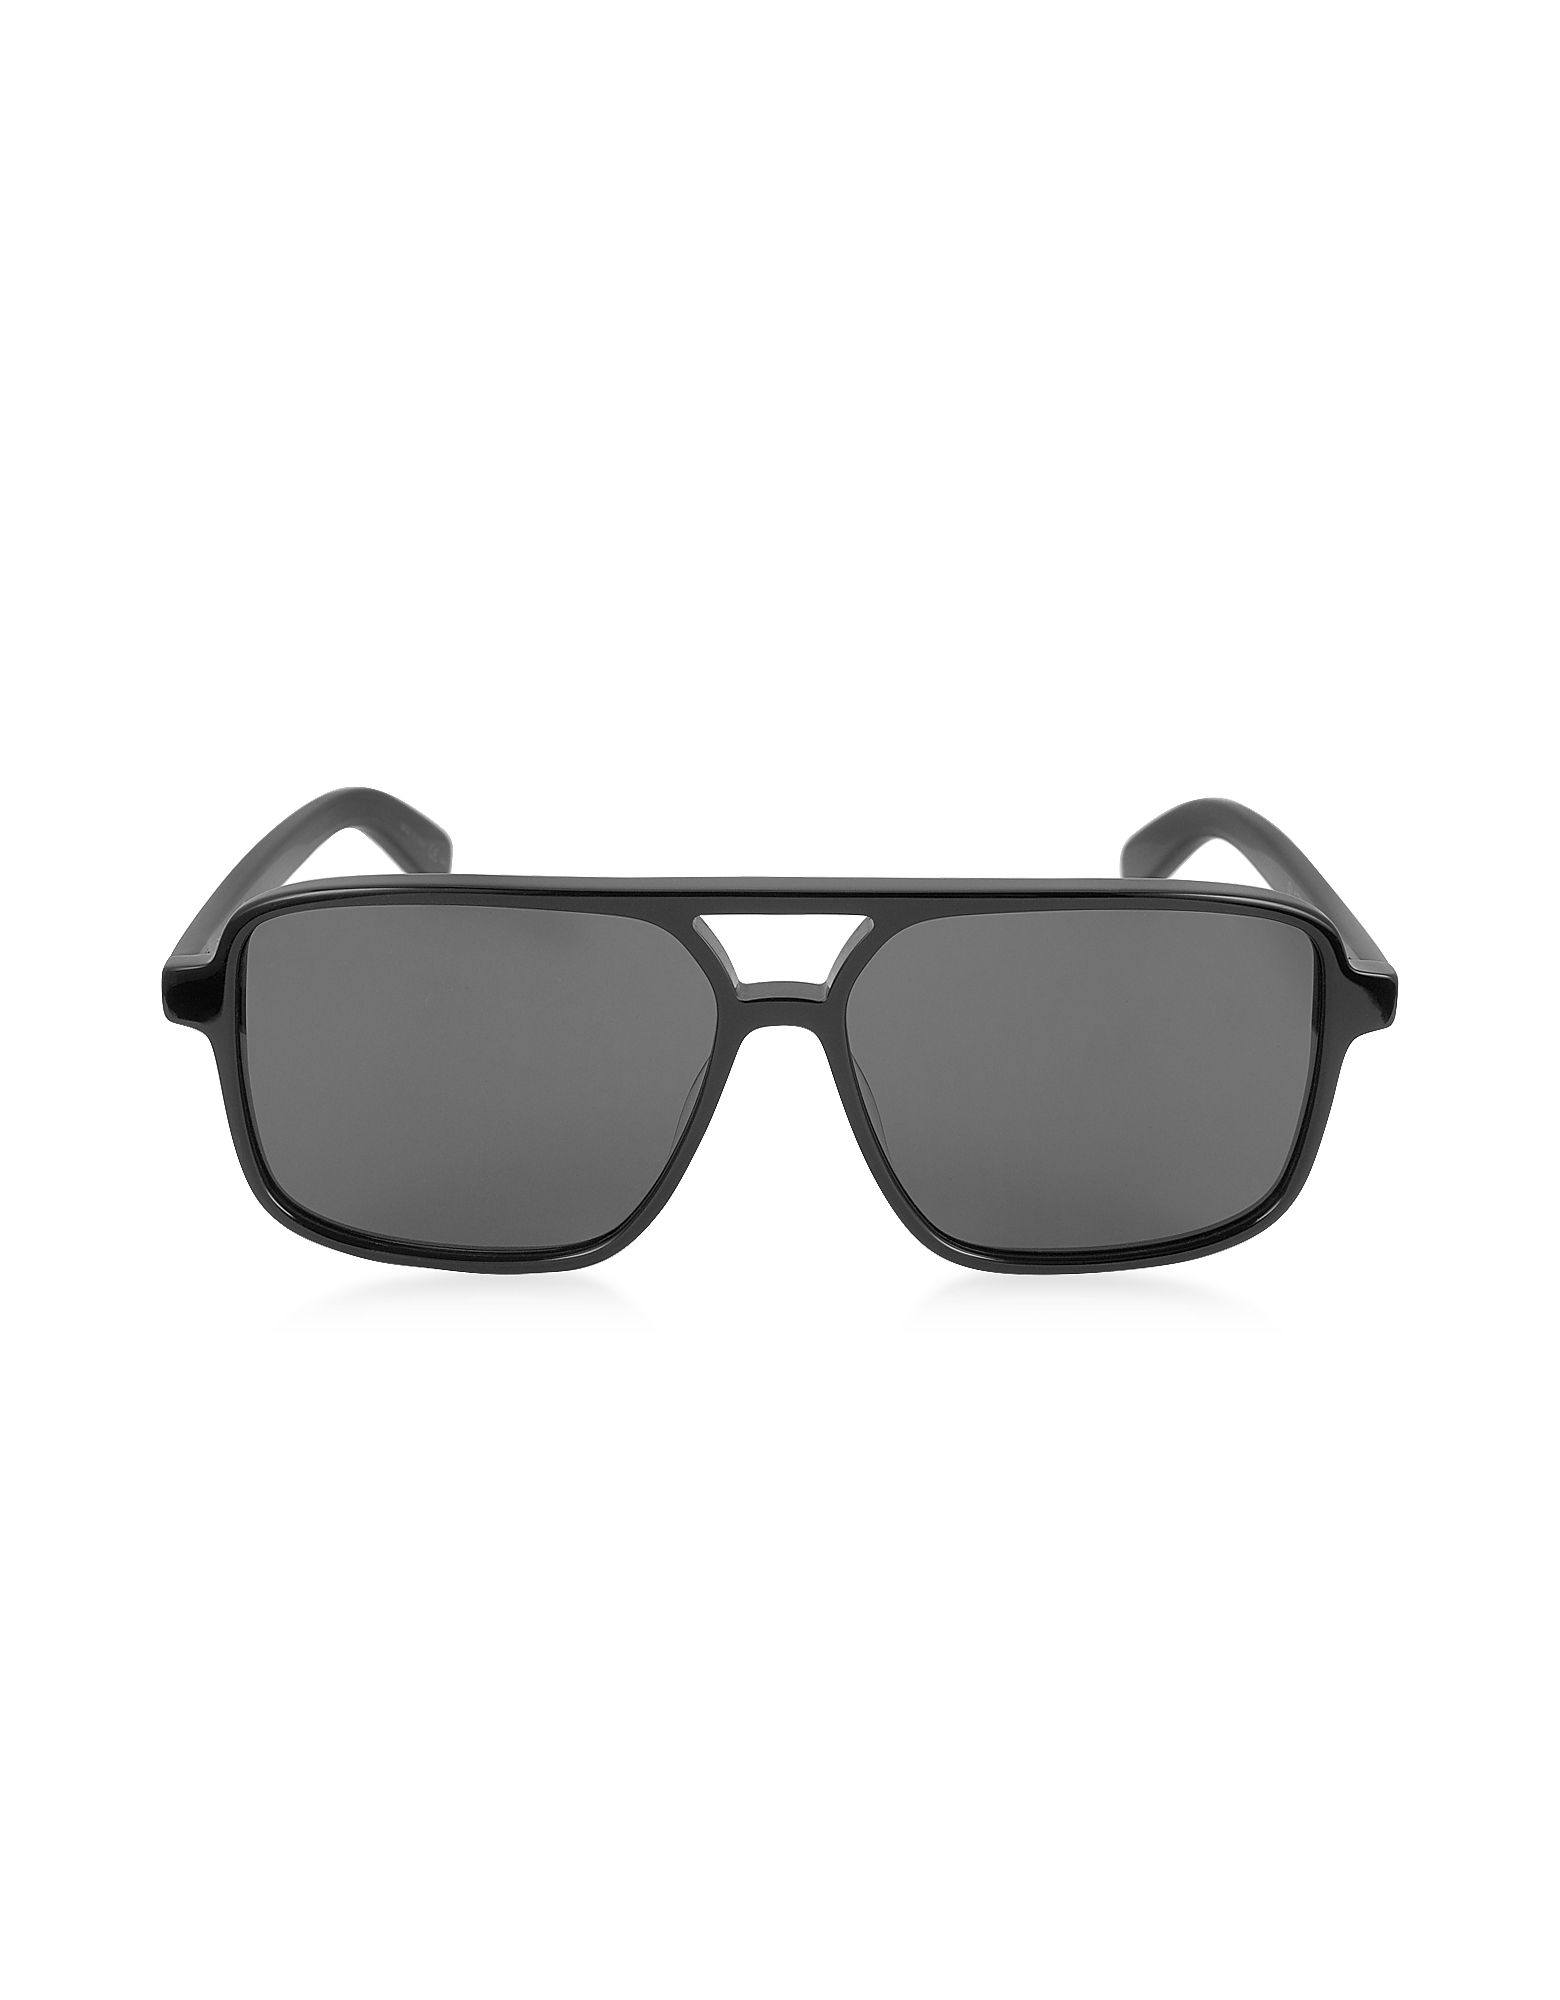 Saint Laurent Designer Sunglasses, SL 176 Acetate Shield Frame Unisex Sunglasses